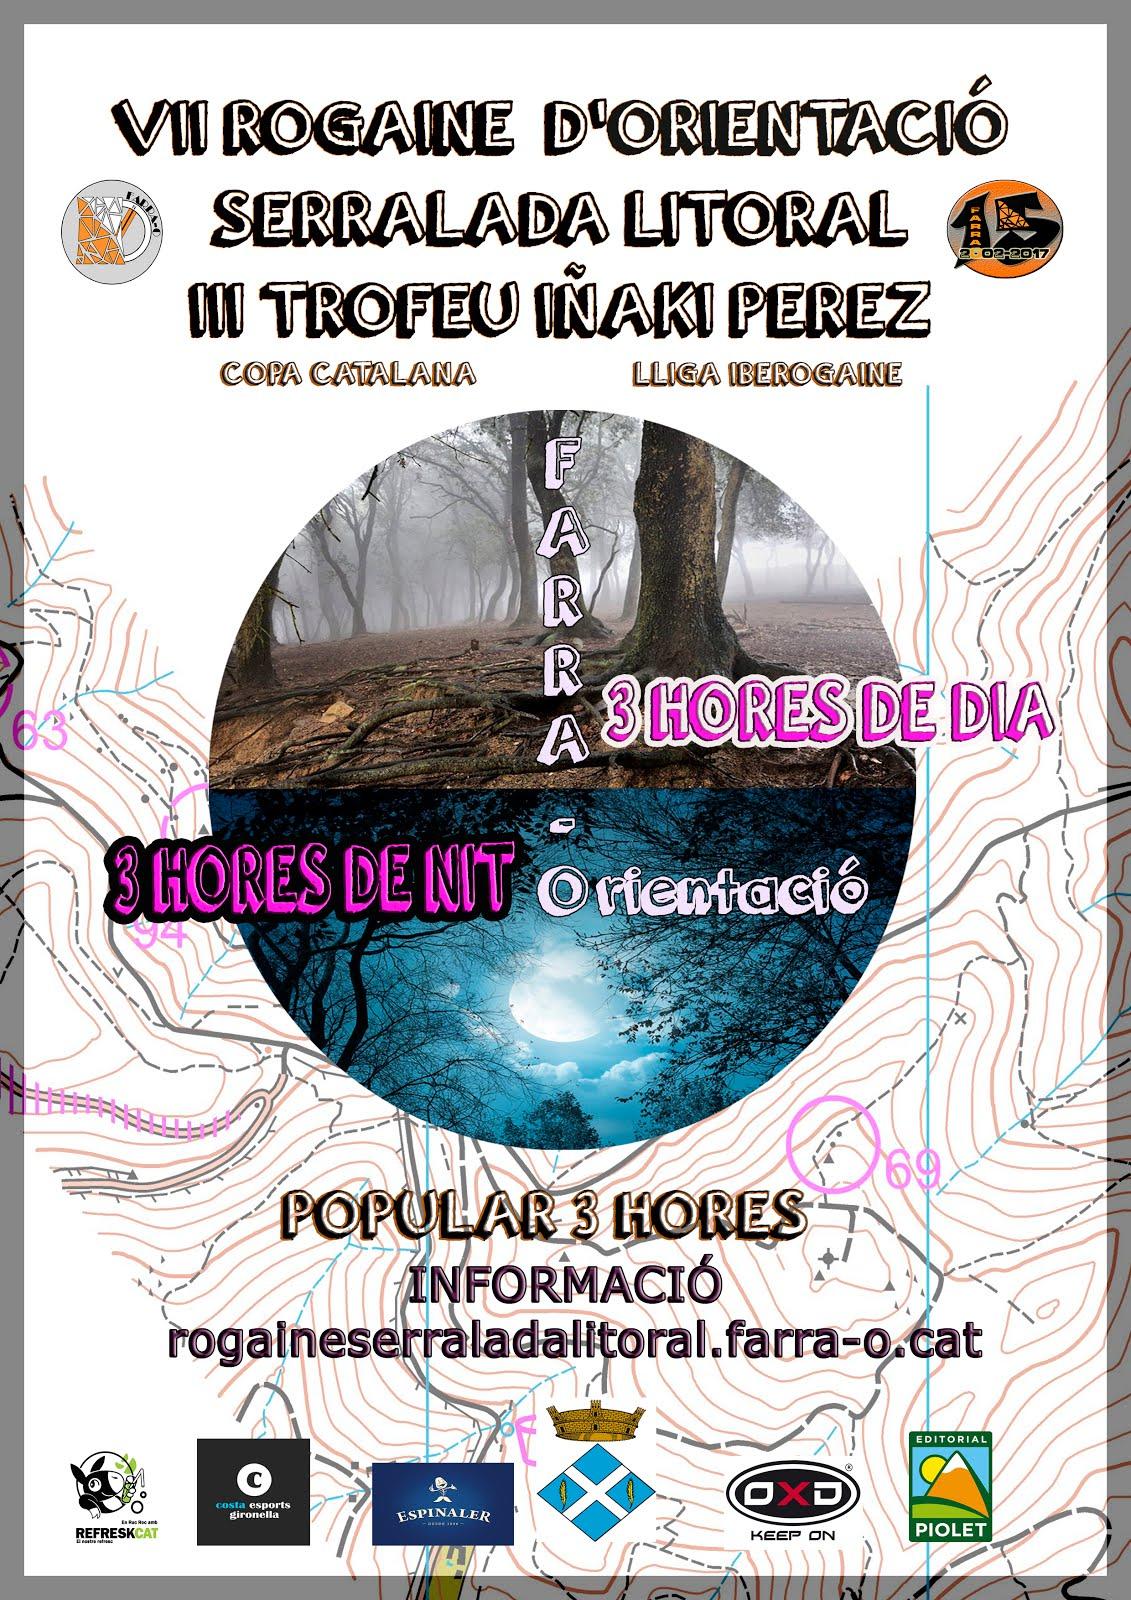 02/12/2017 - VII ROGAINE SERRALADA LITORAL - III TROFEU IÑAKI PEREZ